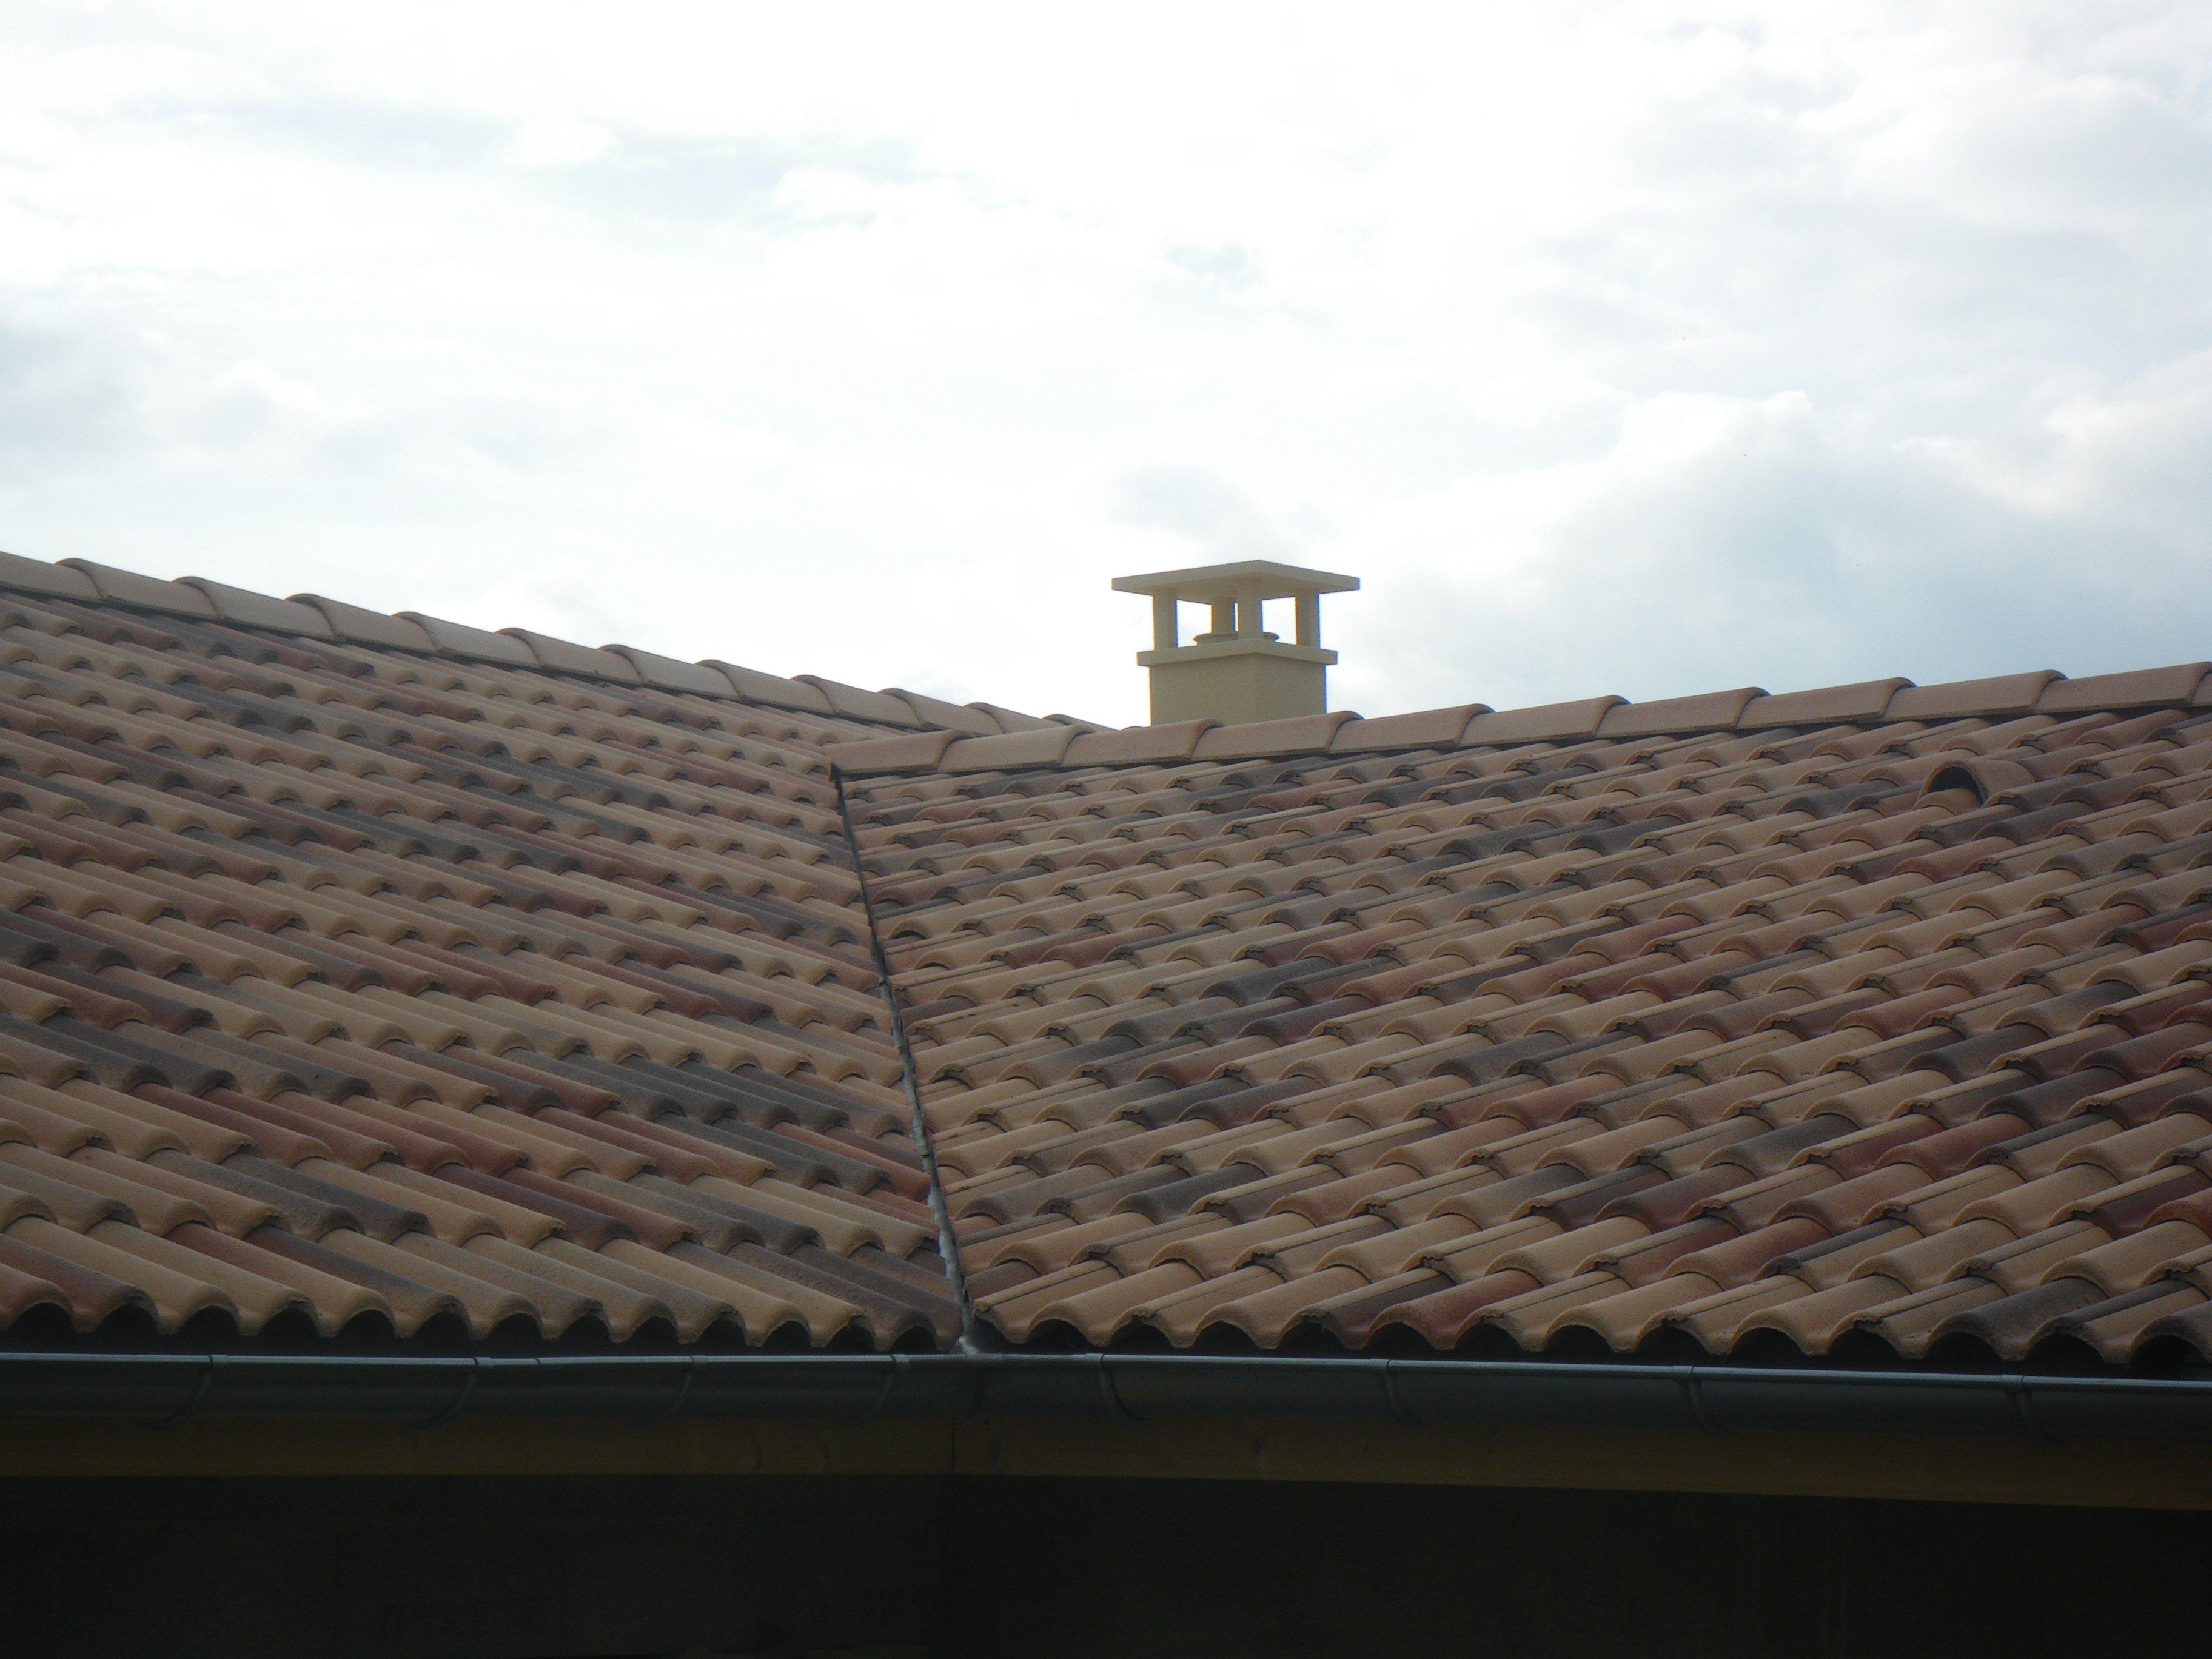 photos du toit ma maison clairvie l aventure de la construction. Black Bedroom Furniture Sets. Home Design Ideas